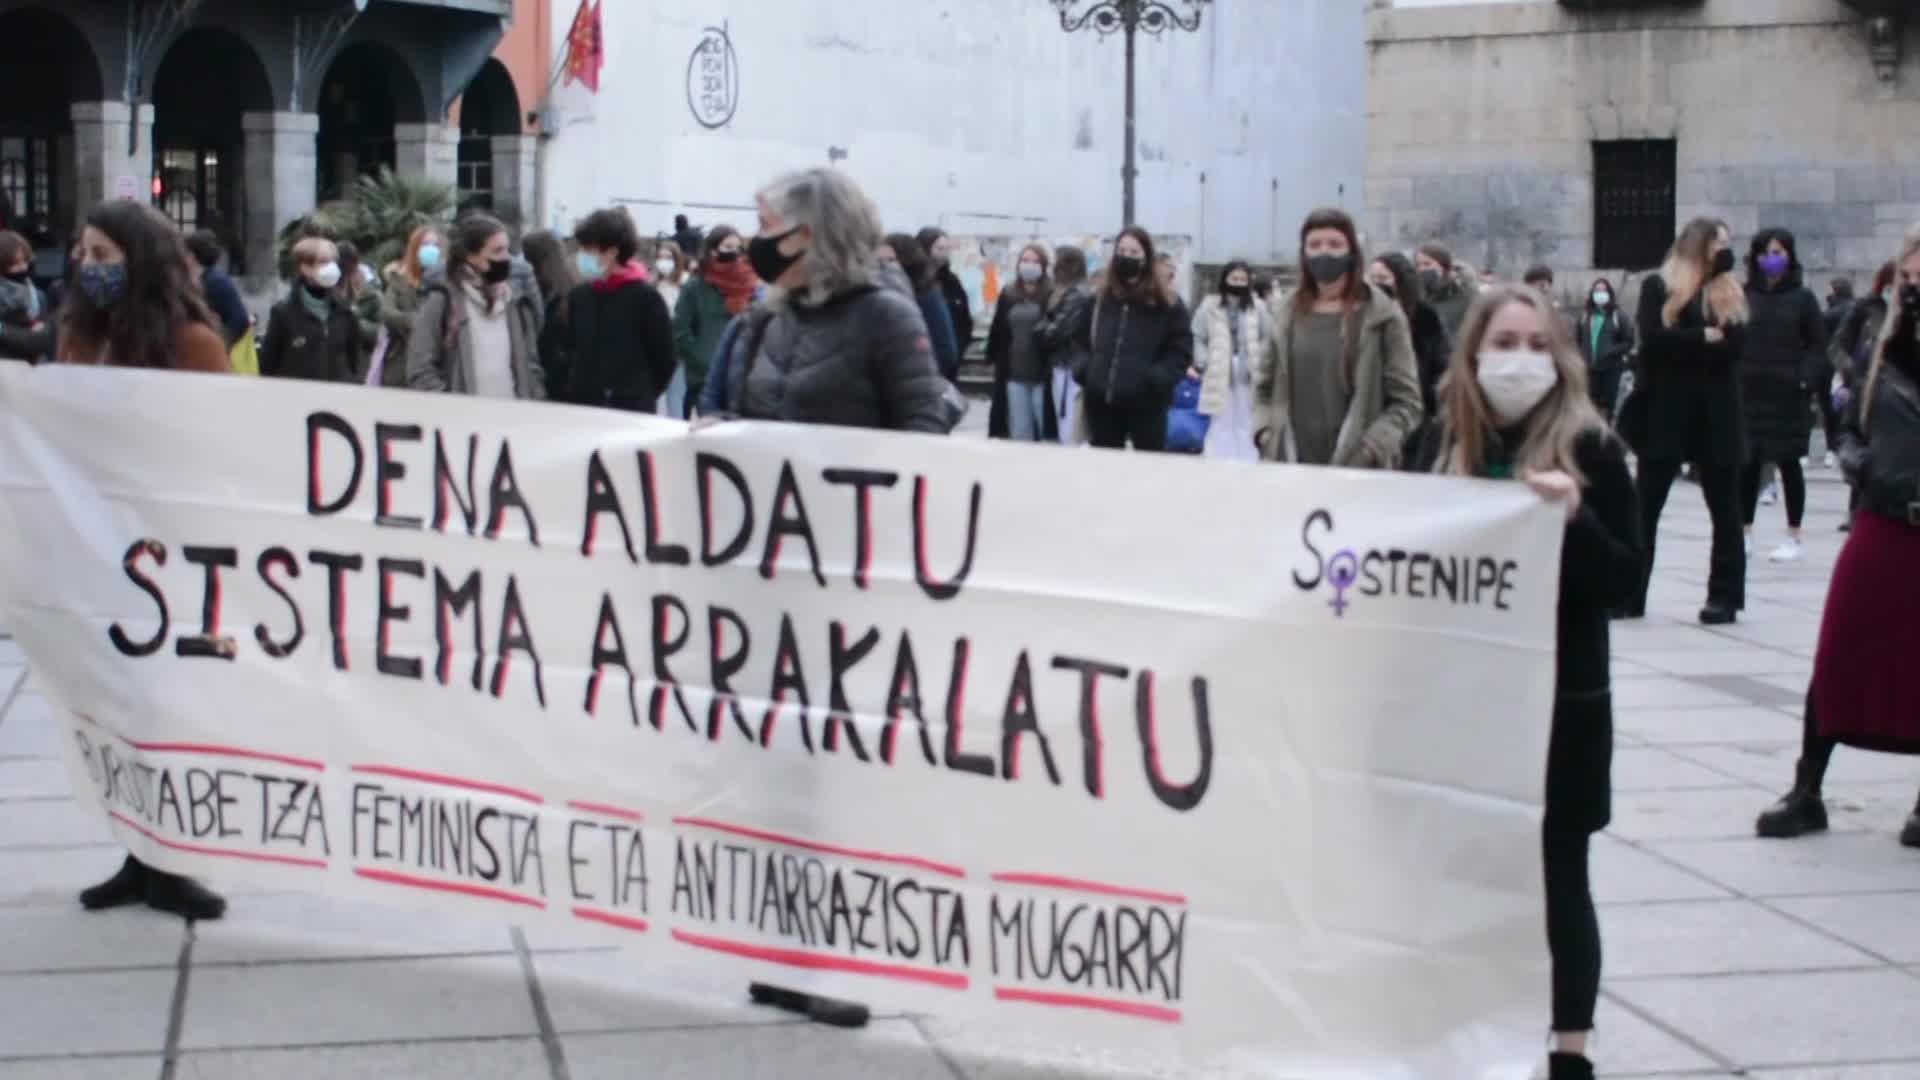 Emakumearen Nazioarteko Egunaren harira, manifestazio eta elkarretaratzeak egin dituzte eskualdean